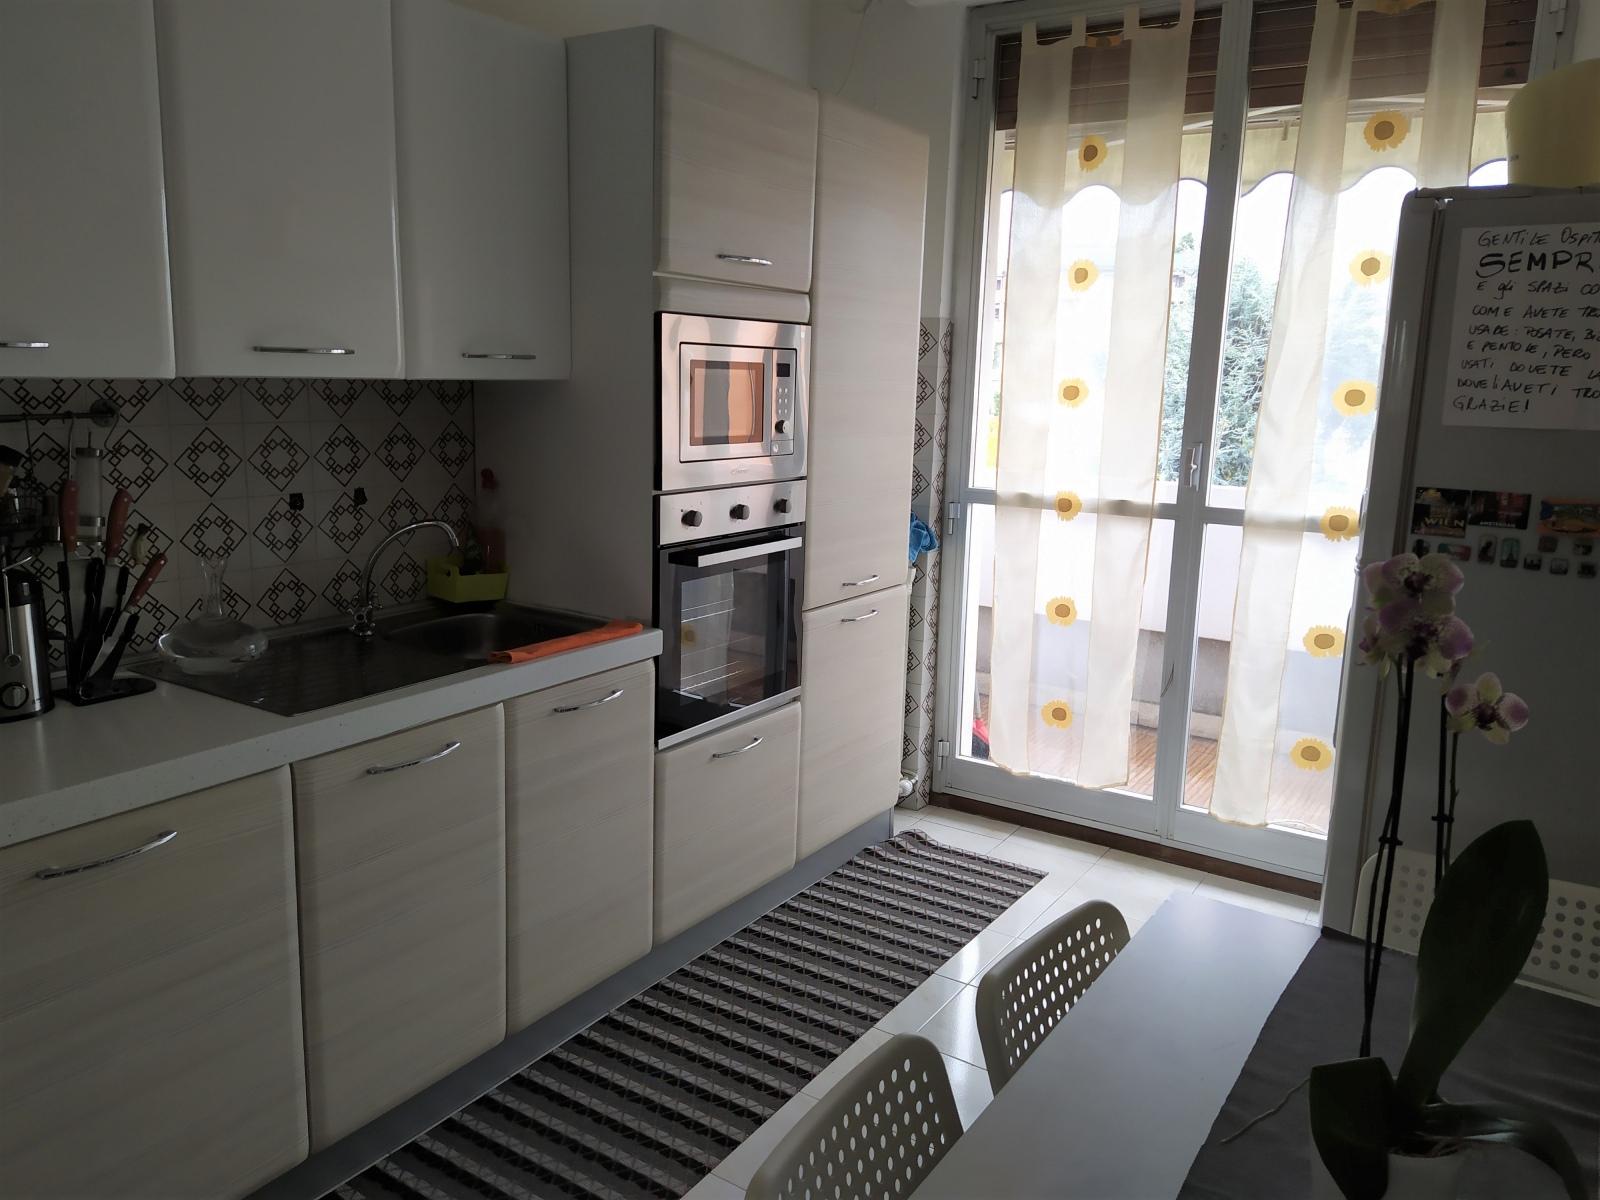 quattrolocali-rho-fiera-in-vendita-spaziourbano-immobiliare-real-estate-dove-trovi-casa-investimento-ampia-metratura-21